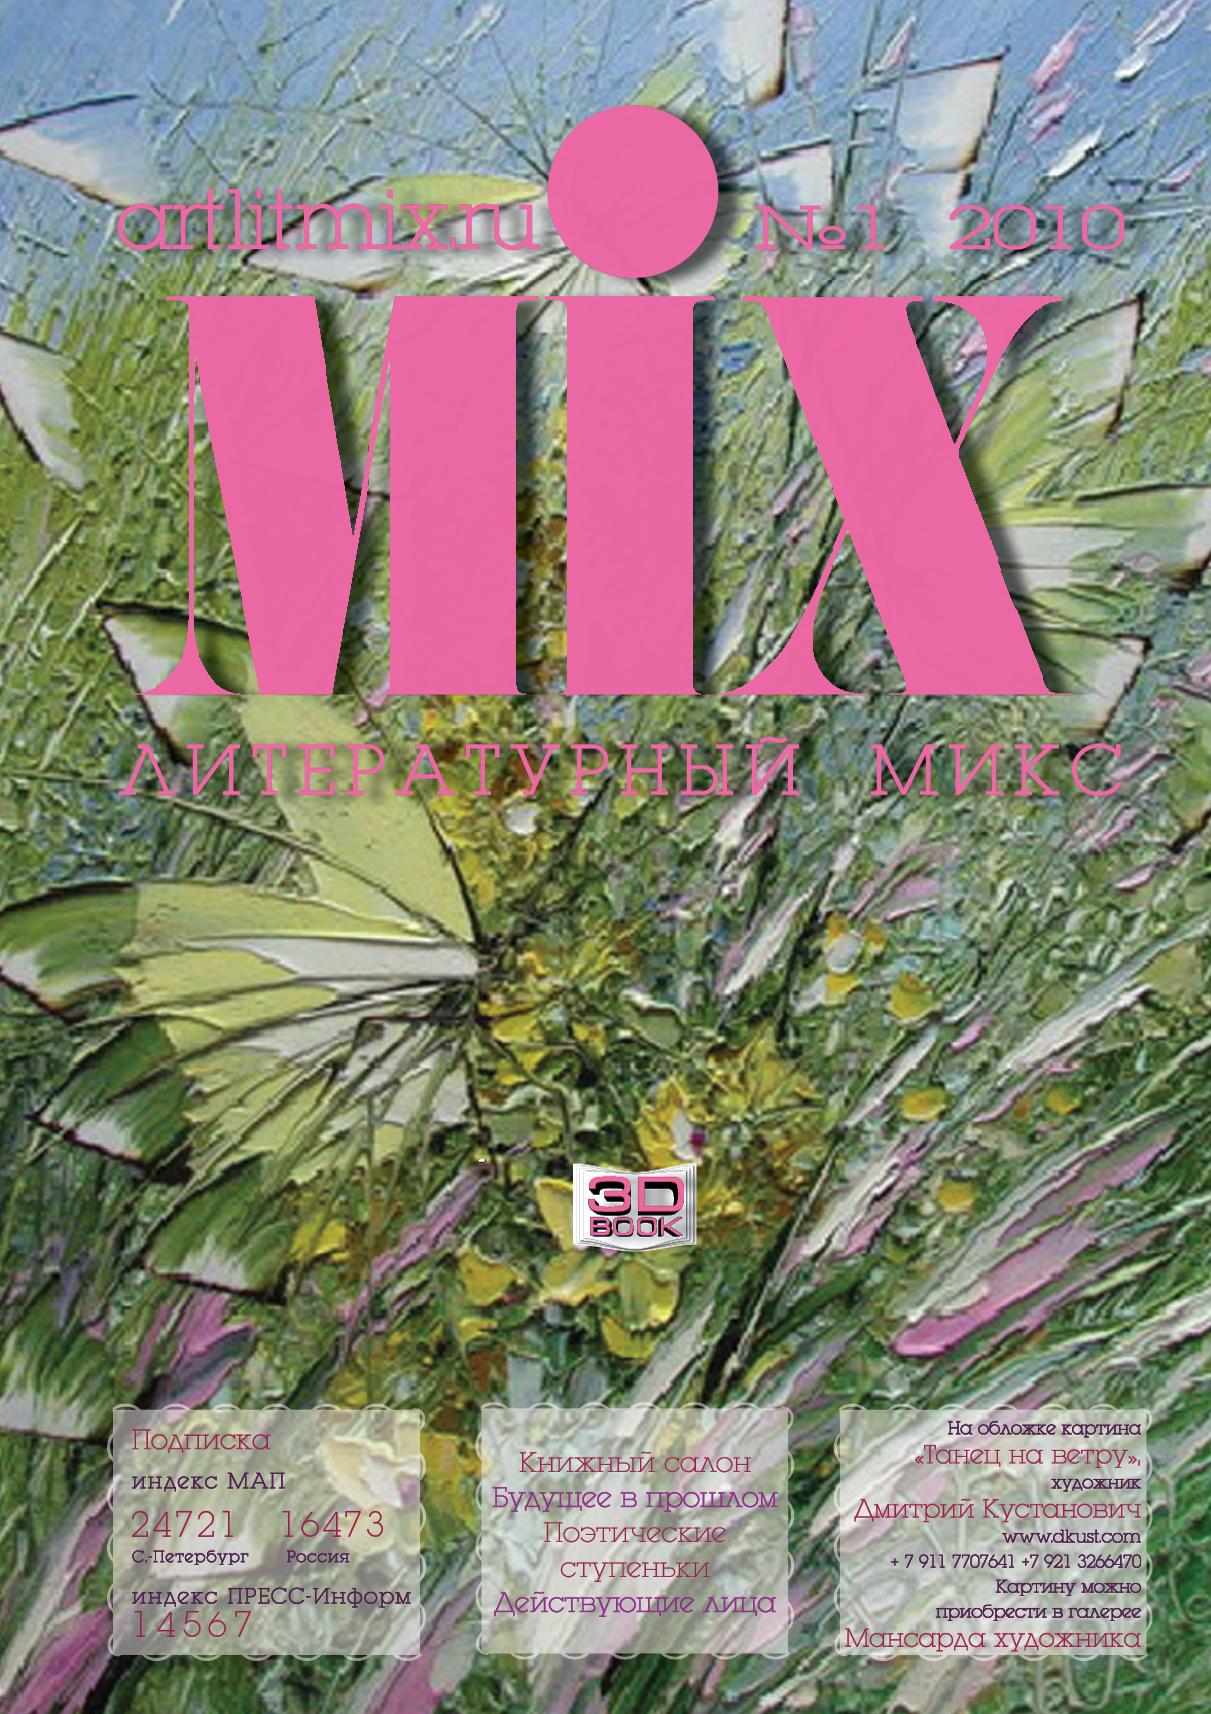 Отсутствует Литературный МИКС №1 (9) 2010 отсутствует литературный микс 1 9 2010